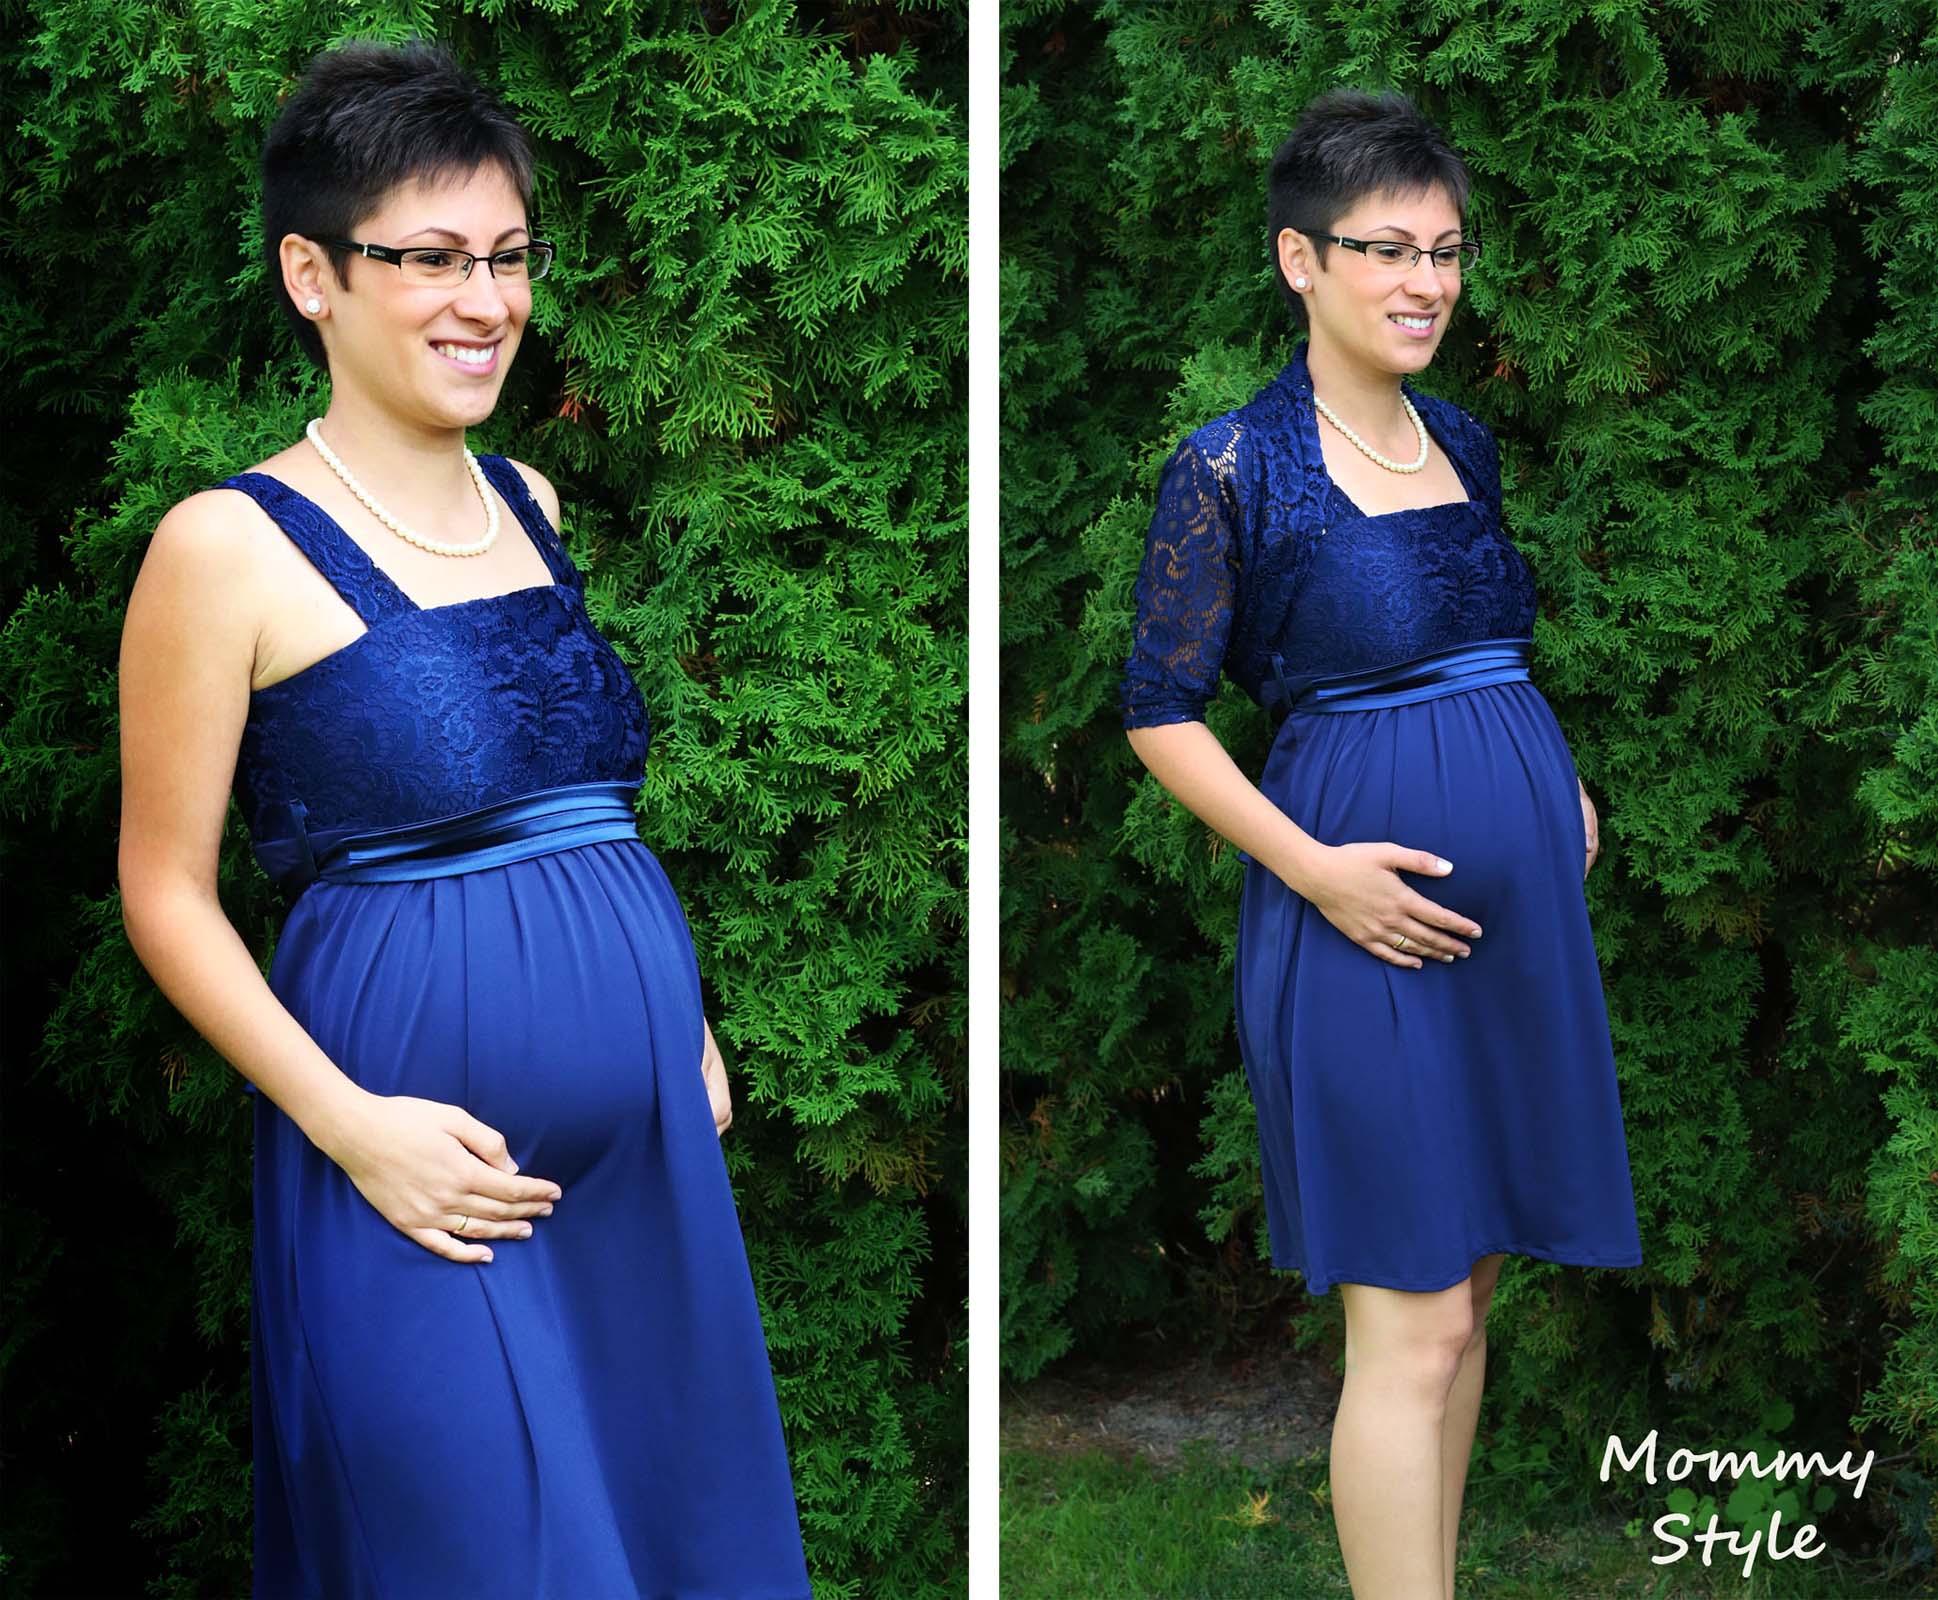 Mommy Style csipke bolerós kismamaruha